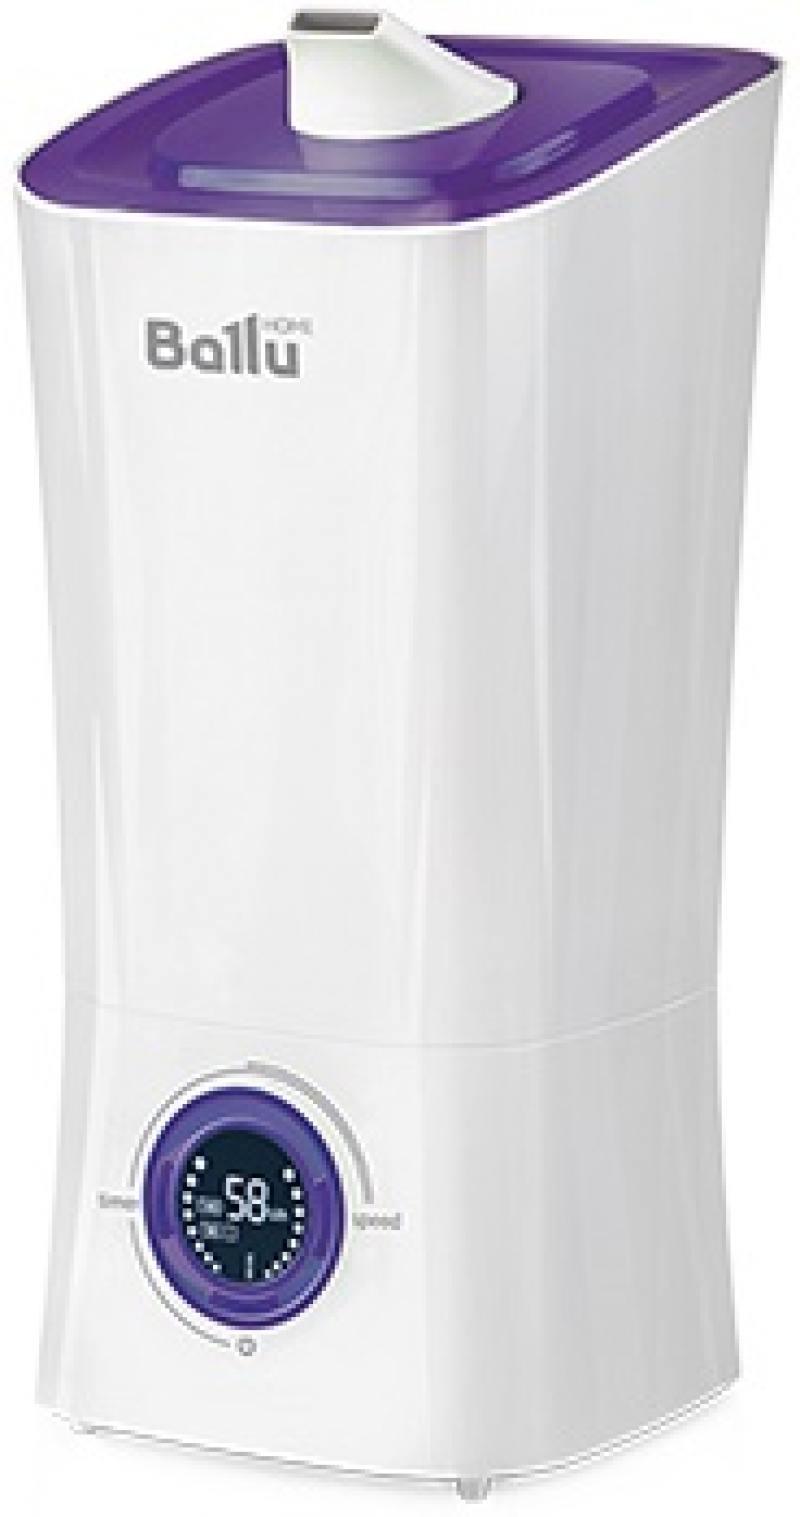 все цены на Увлажнитель воздуха BALLU UHB-205 белый фиолетовый онлайн